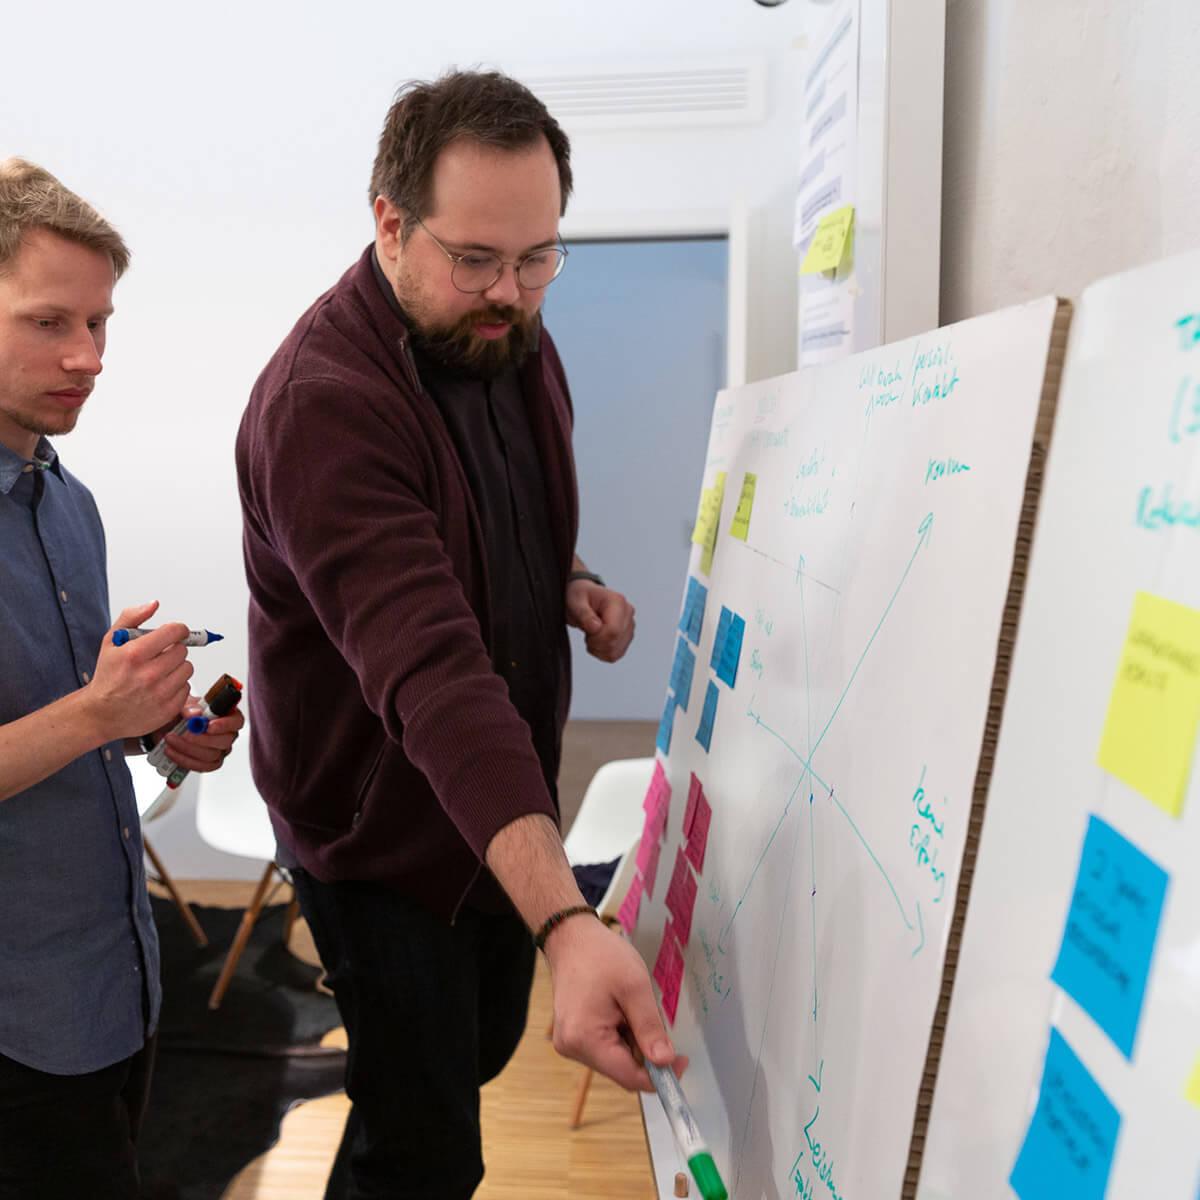 Zwei Mitarbeiter von Me & Company arbeiten zusammen an Whiteboard in ihrer Rolle als Service Designer